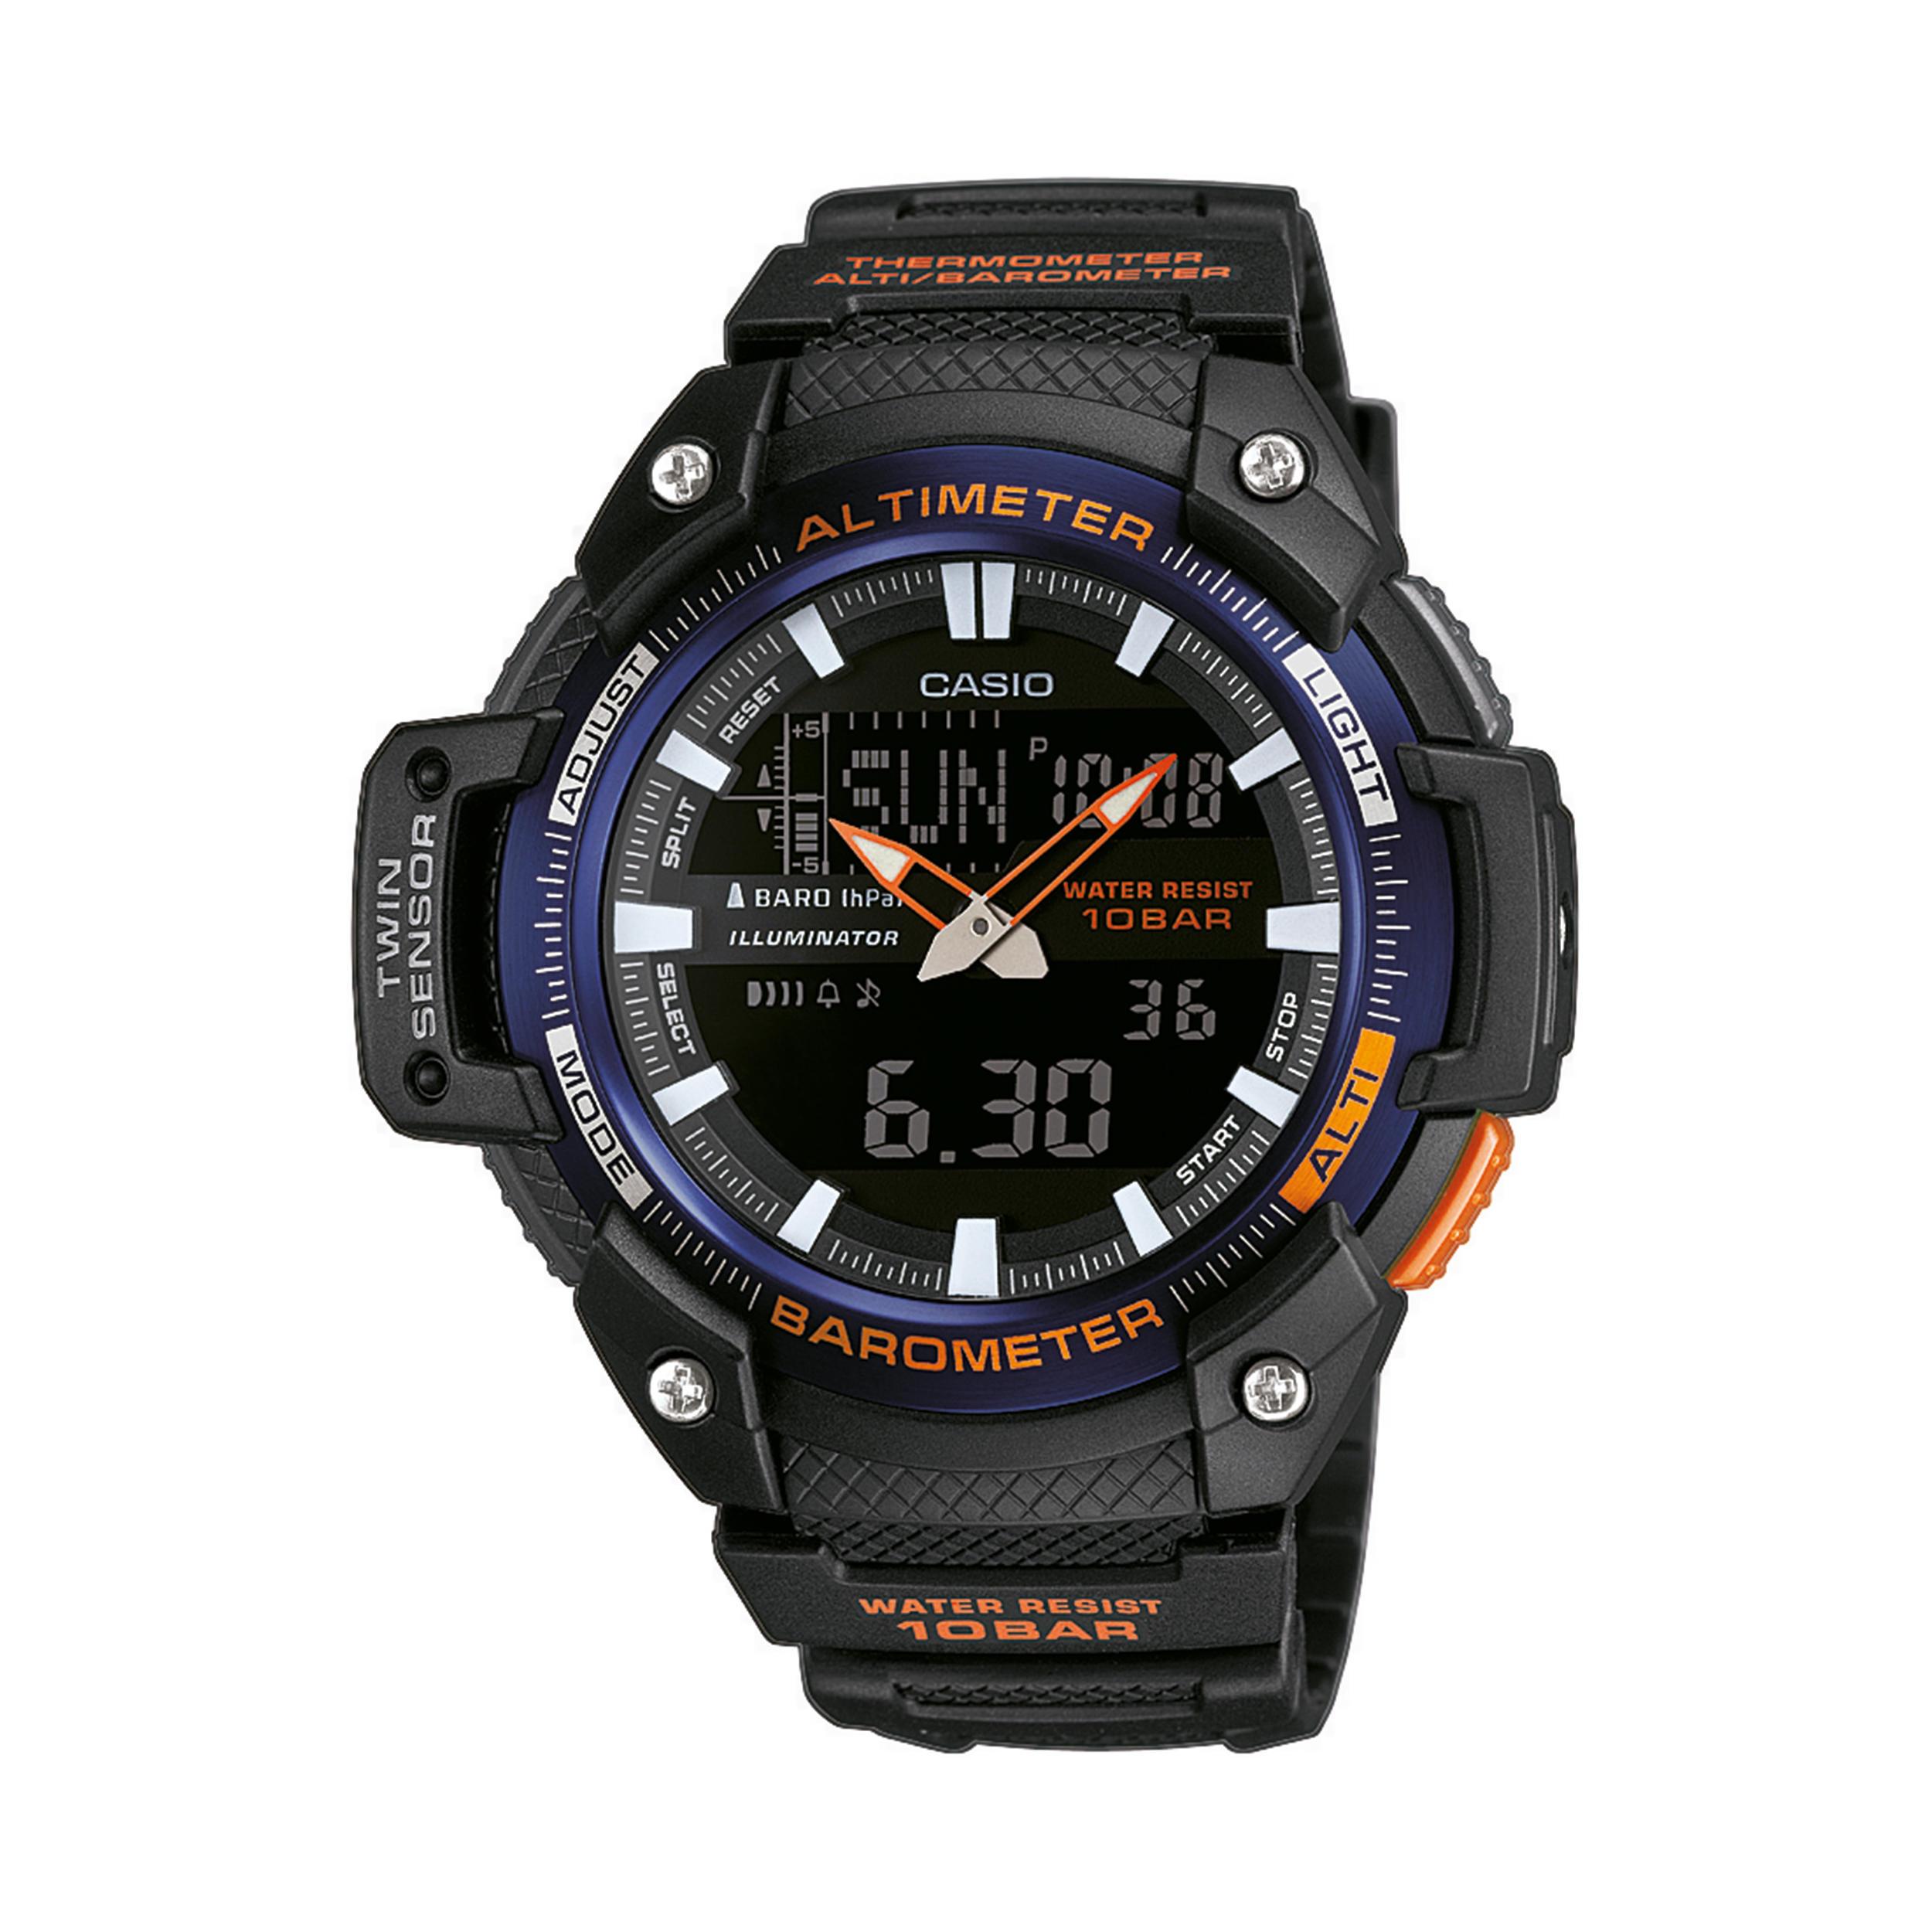 fc411c65d66 Casio Montre baromètre SGW 450H 2BER noire